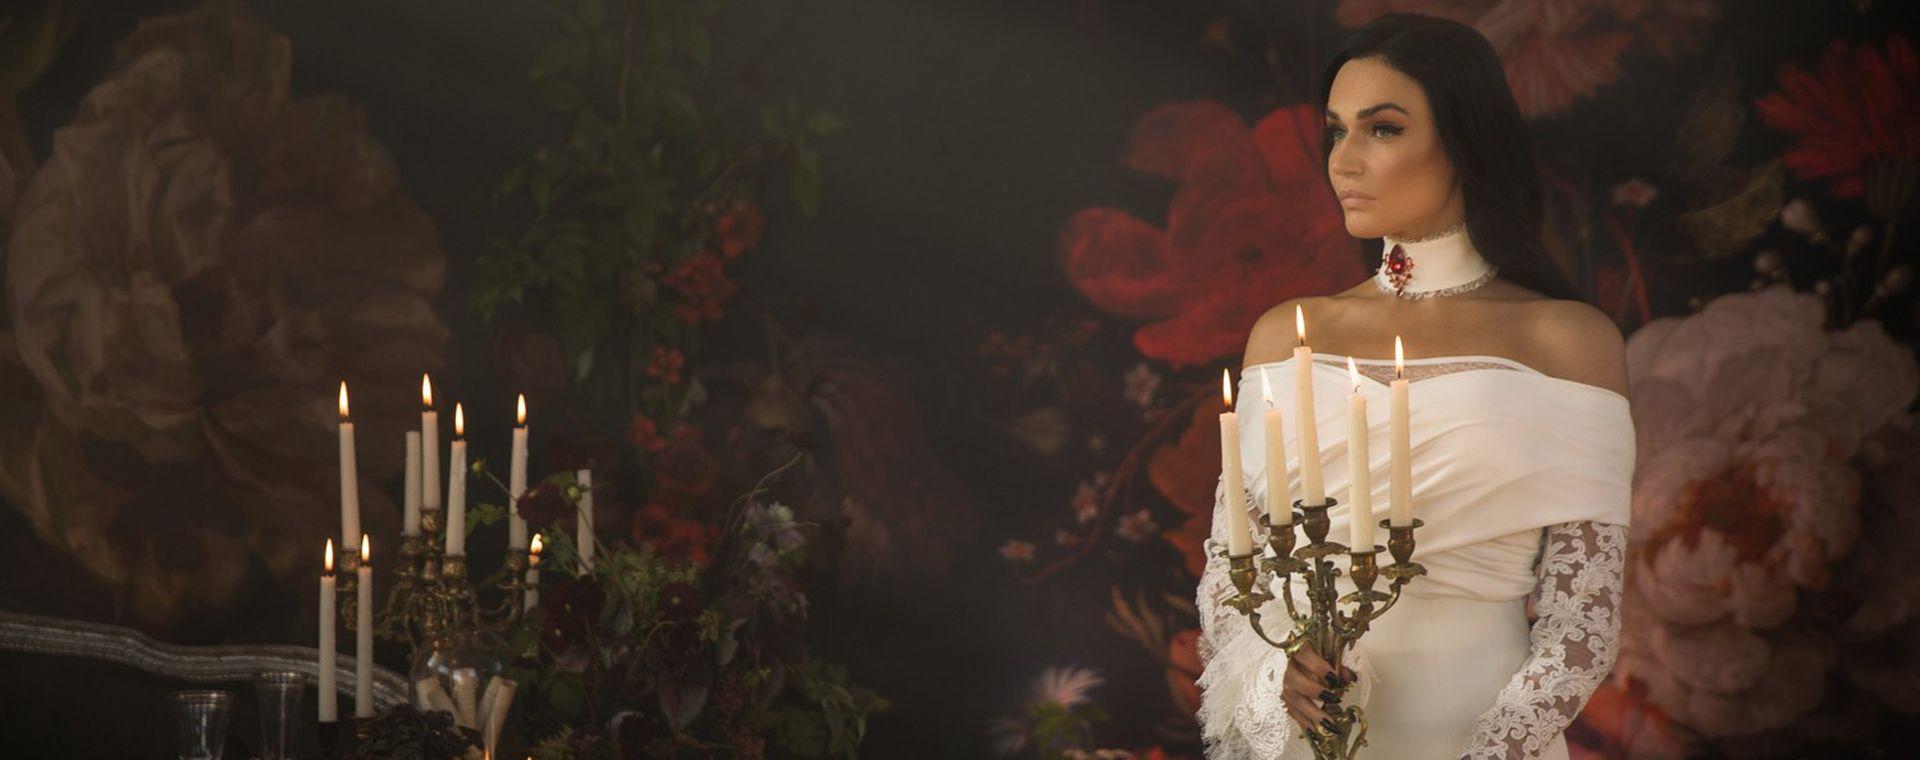 Фото свадьбу алены водонаевой